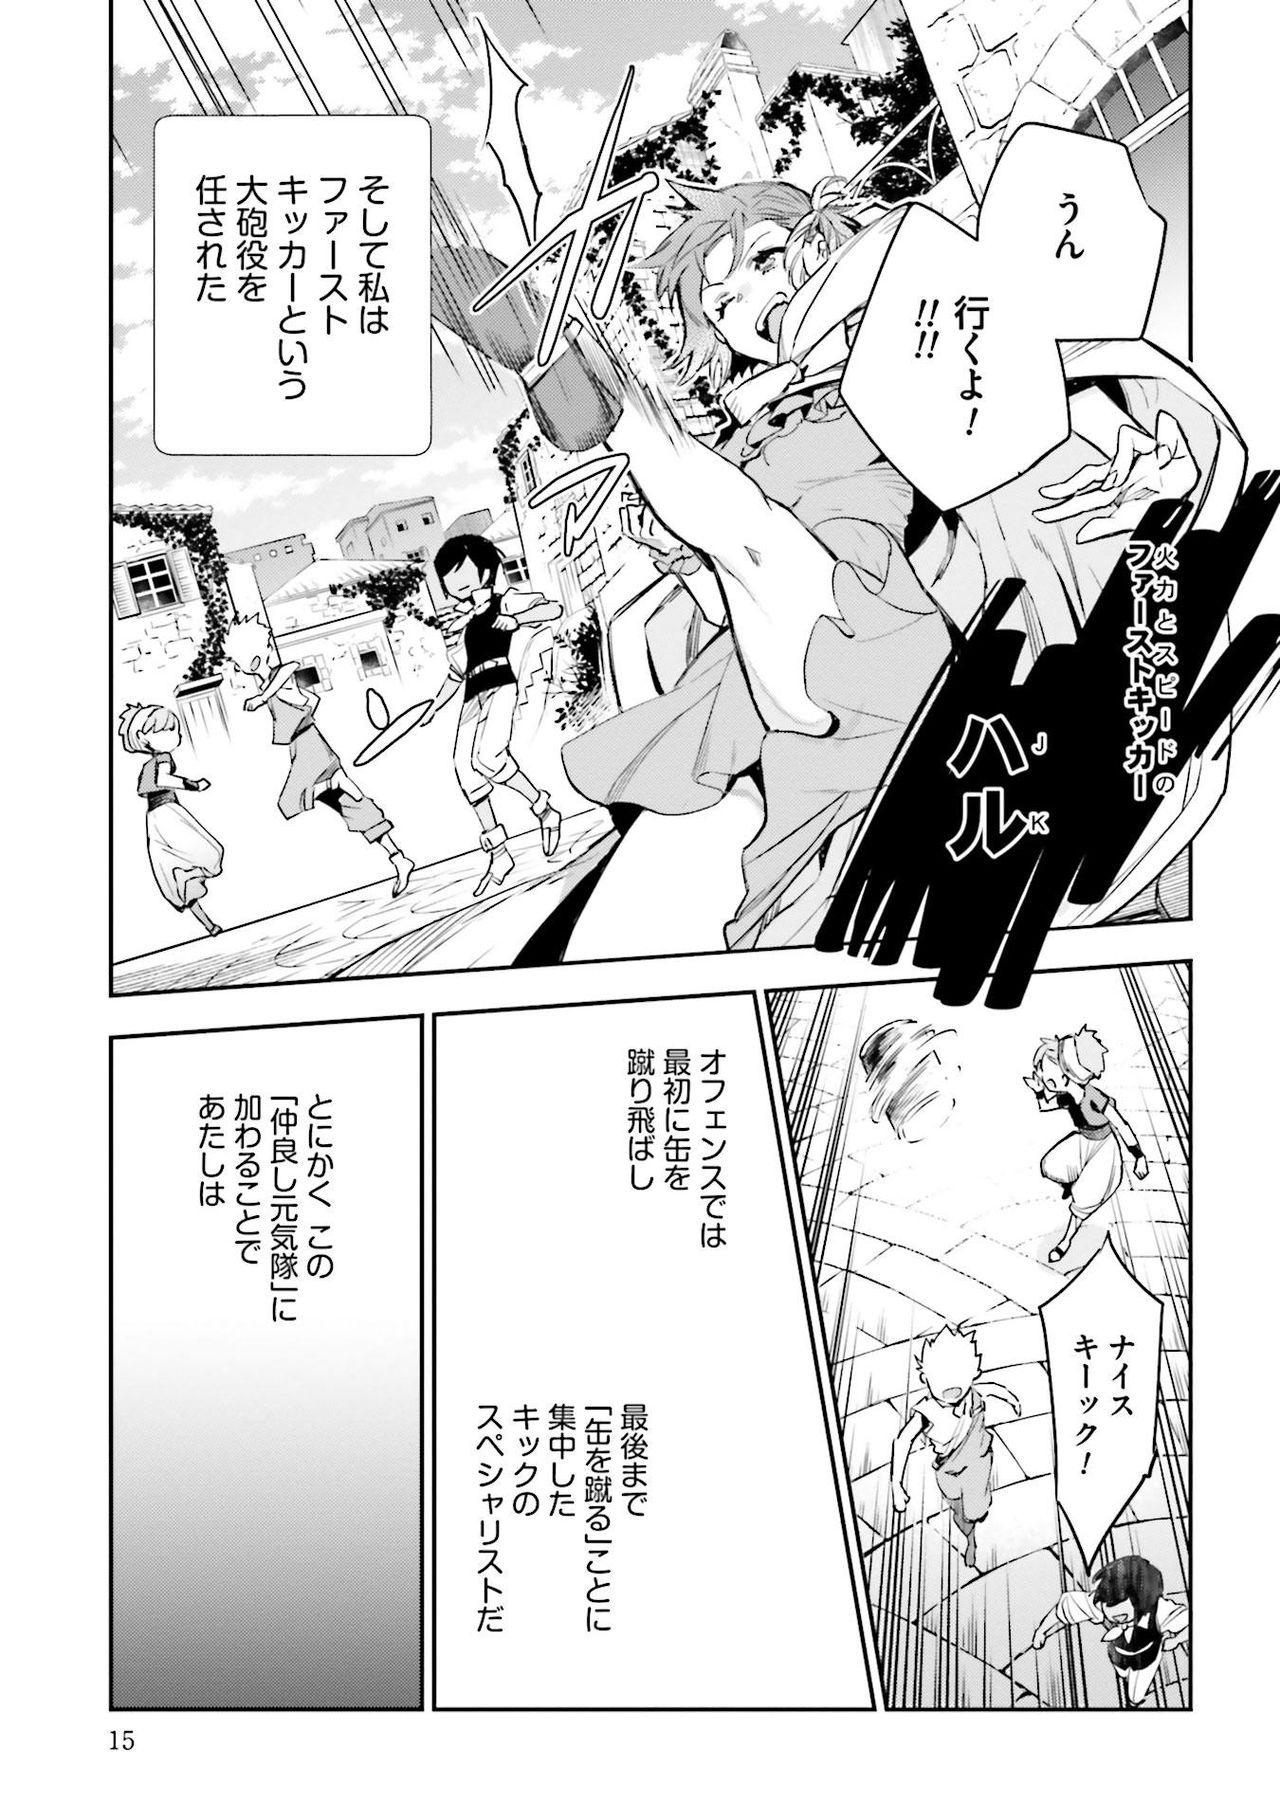 JK Haru wa Isekai de Shoufu ni Natta 1-14 374